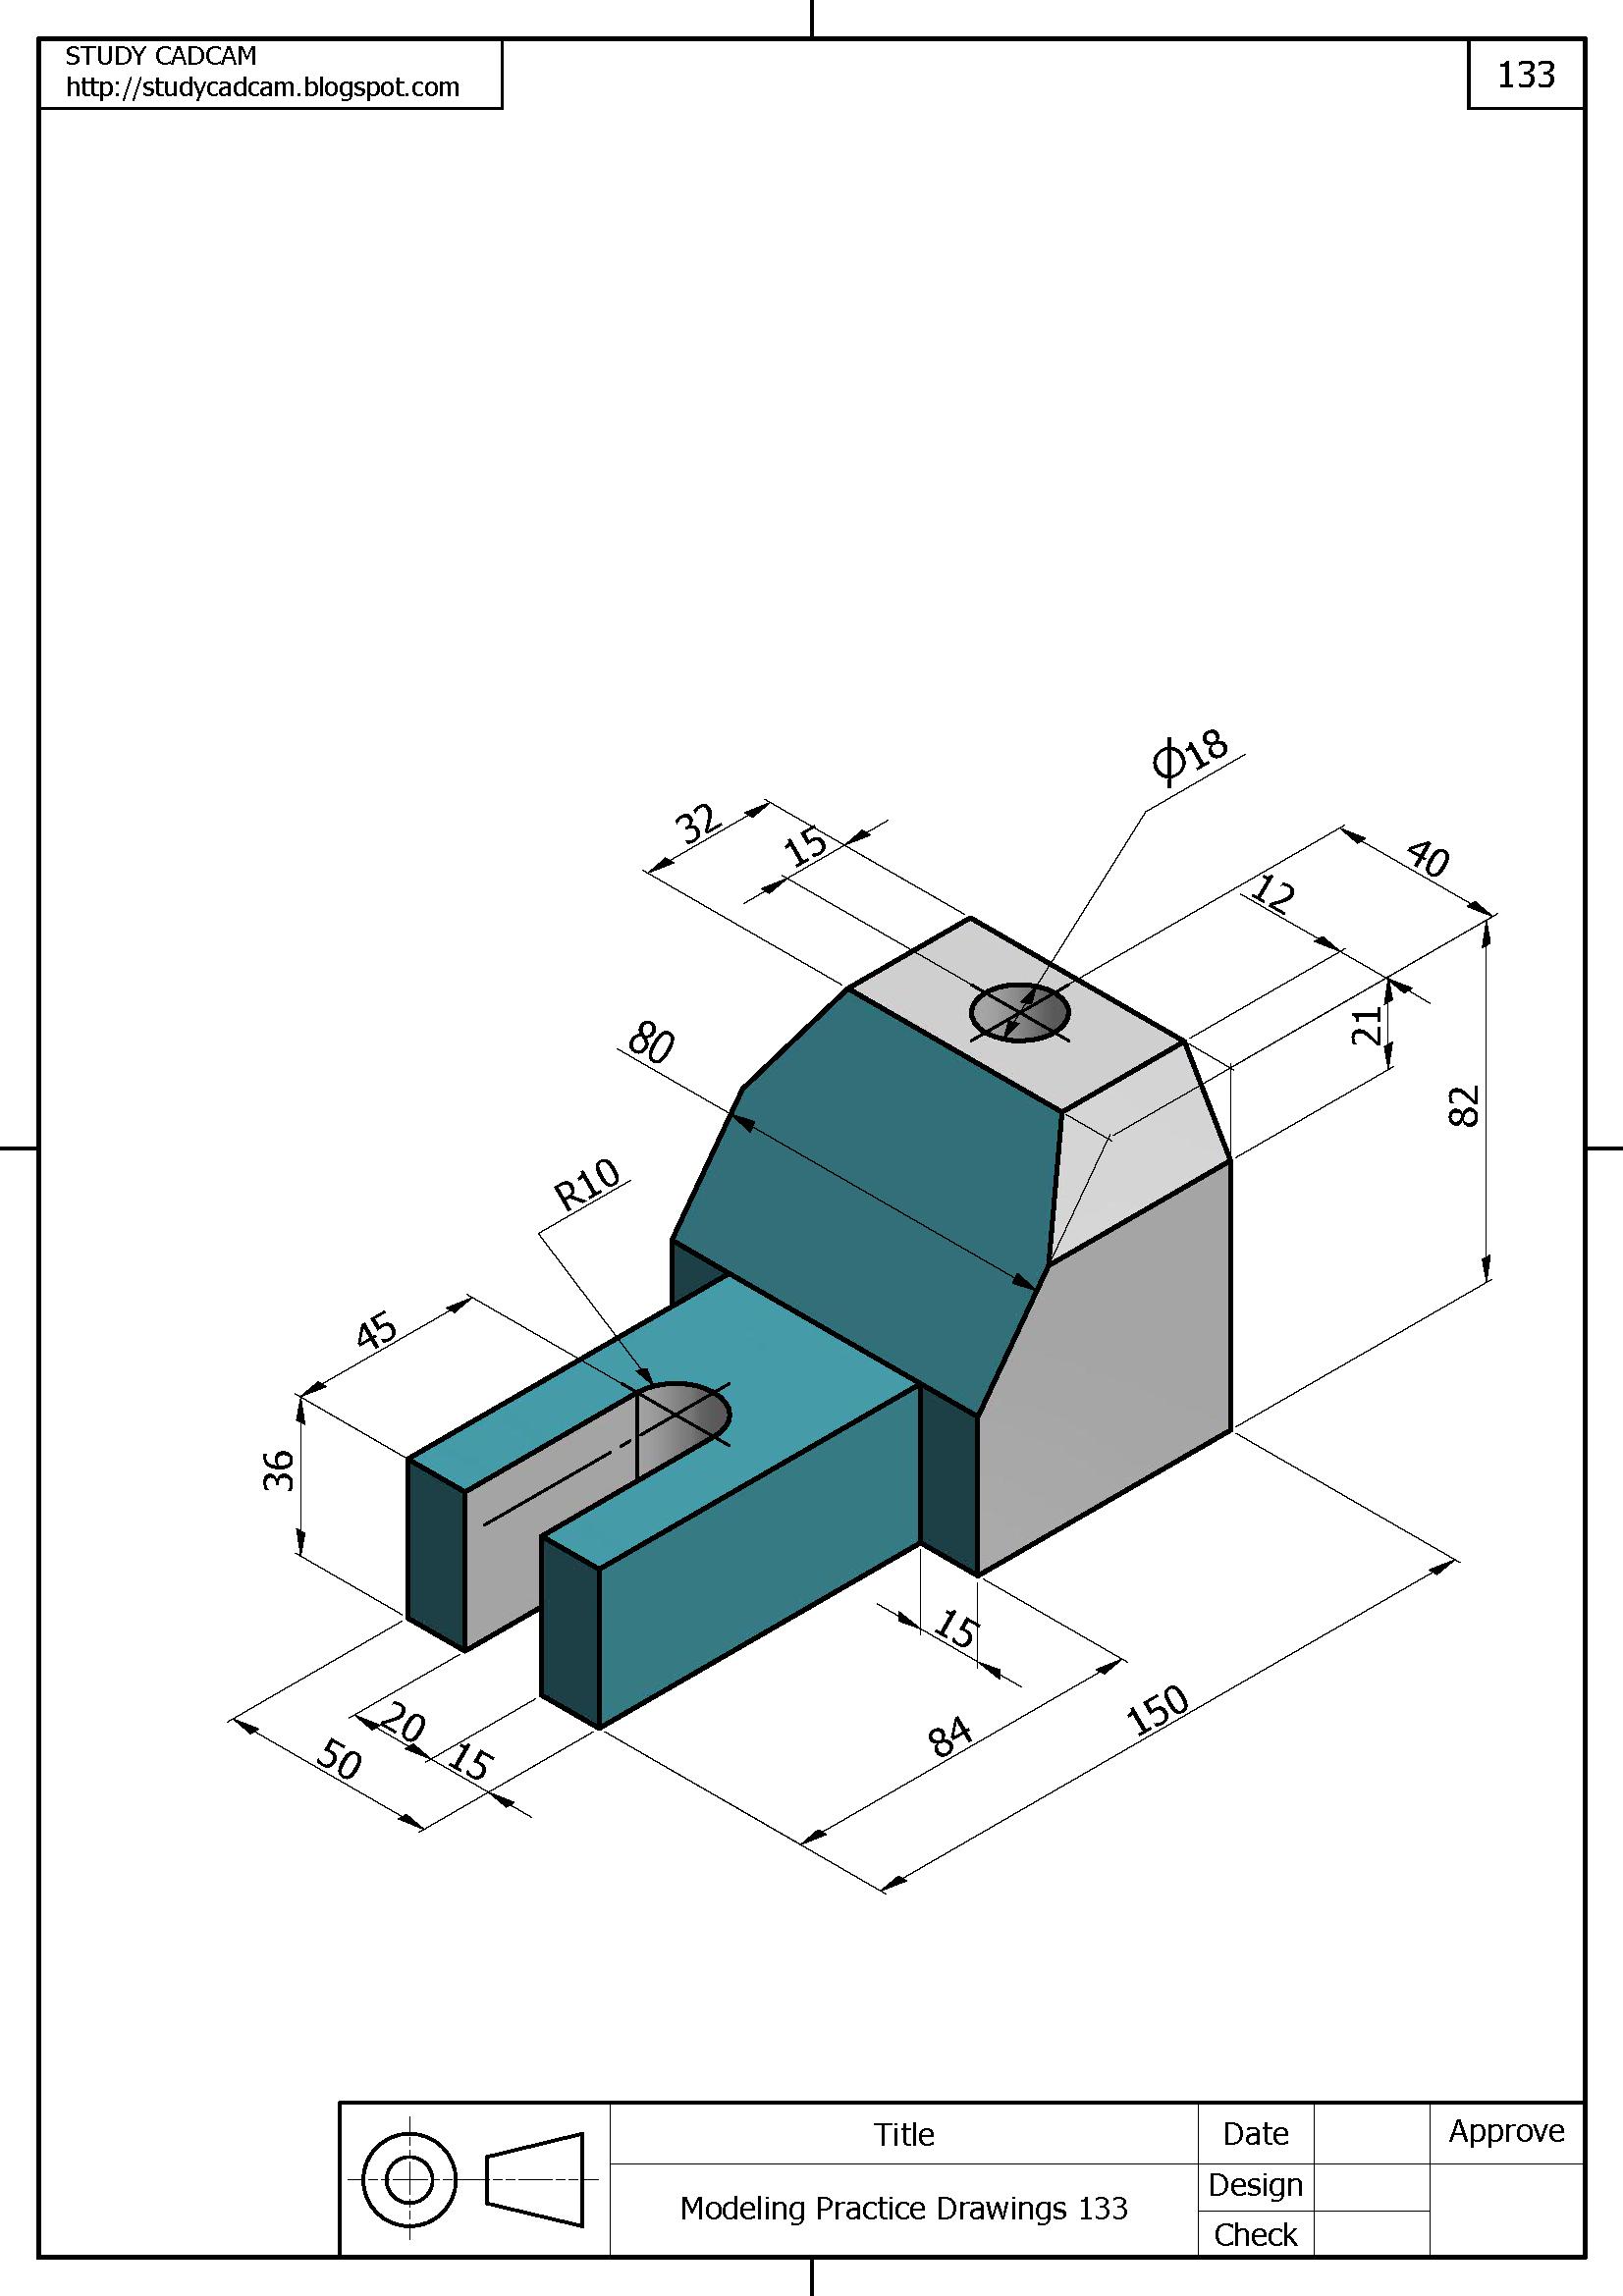 Desarrollar Planta Alzado Y Perfil Ejercicios De Dibujo Clases De Dibujo Dibujo Mecanico